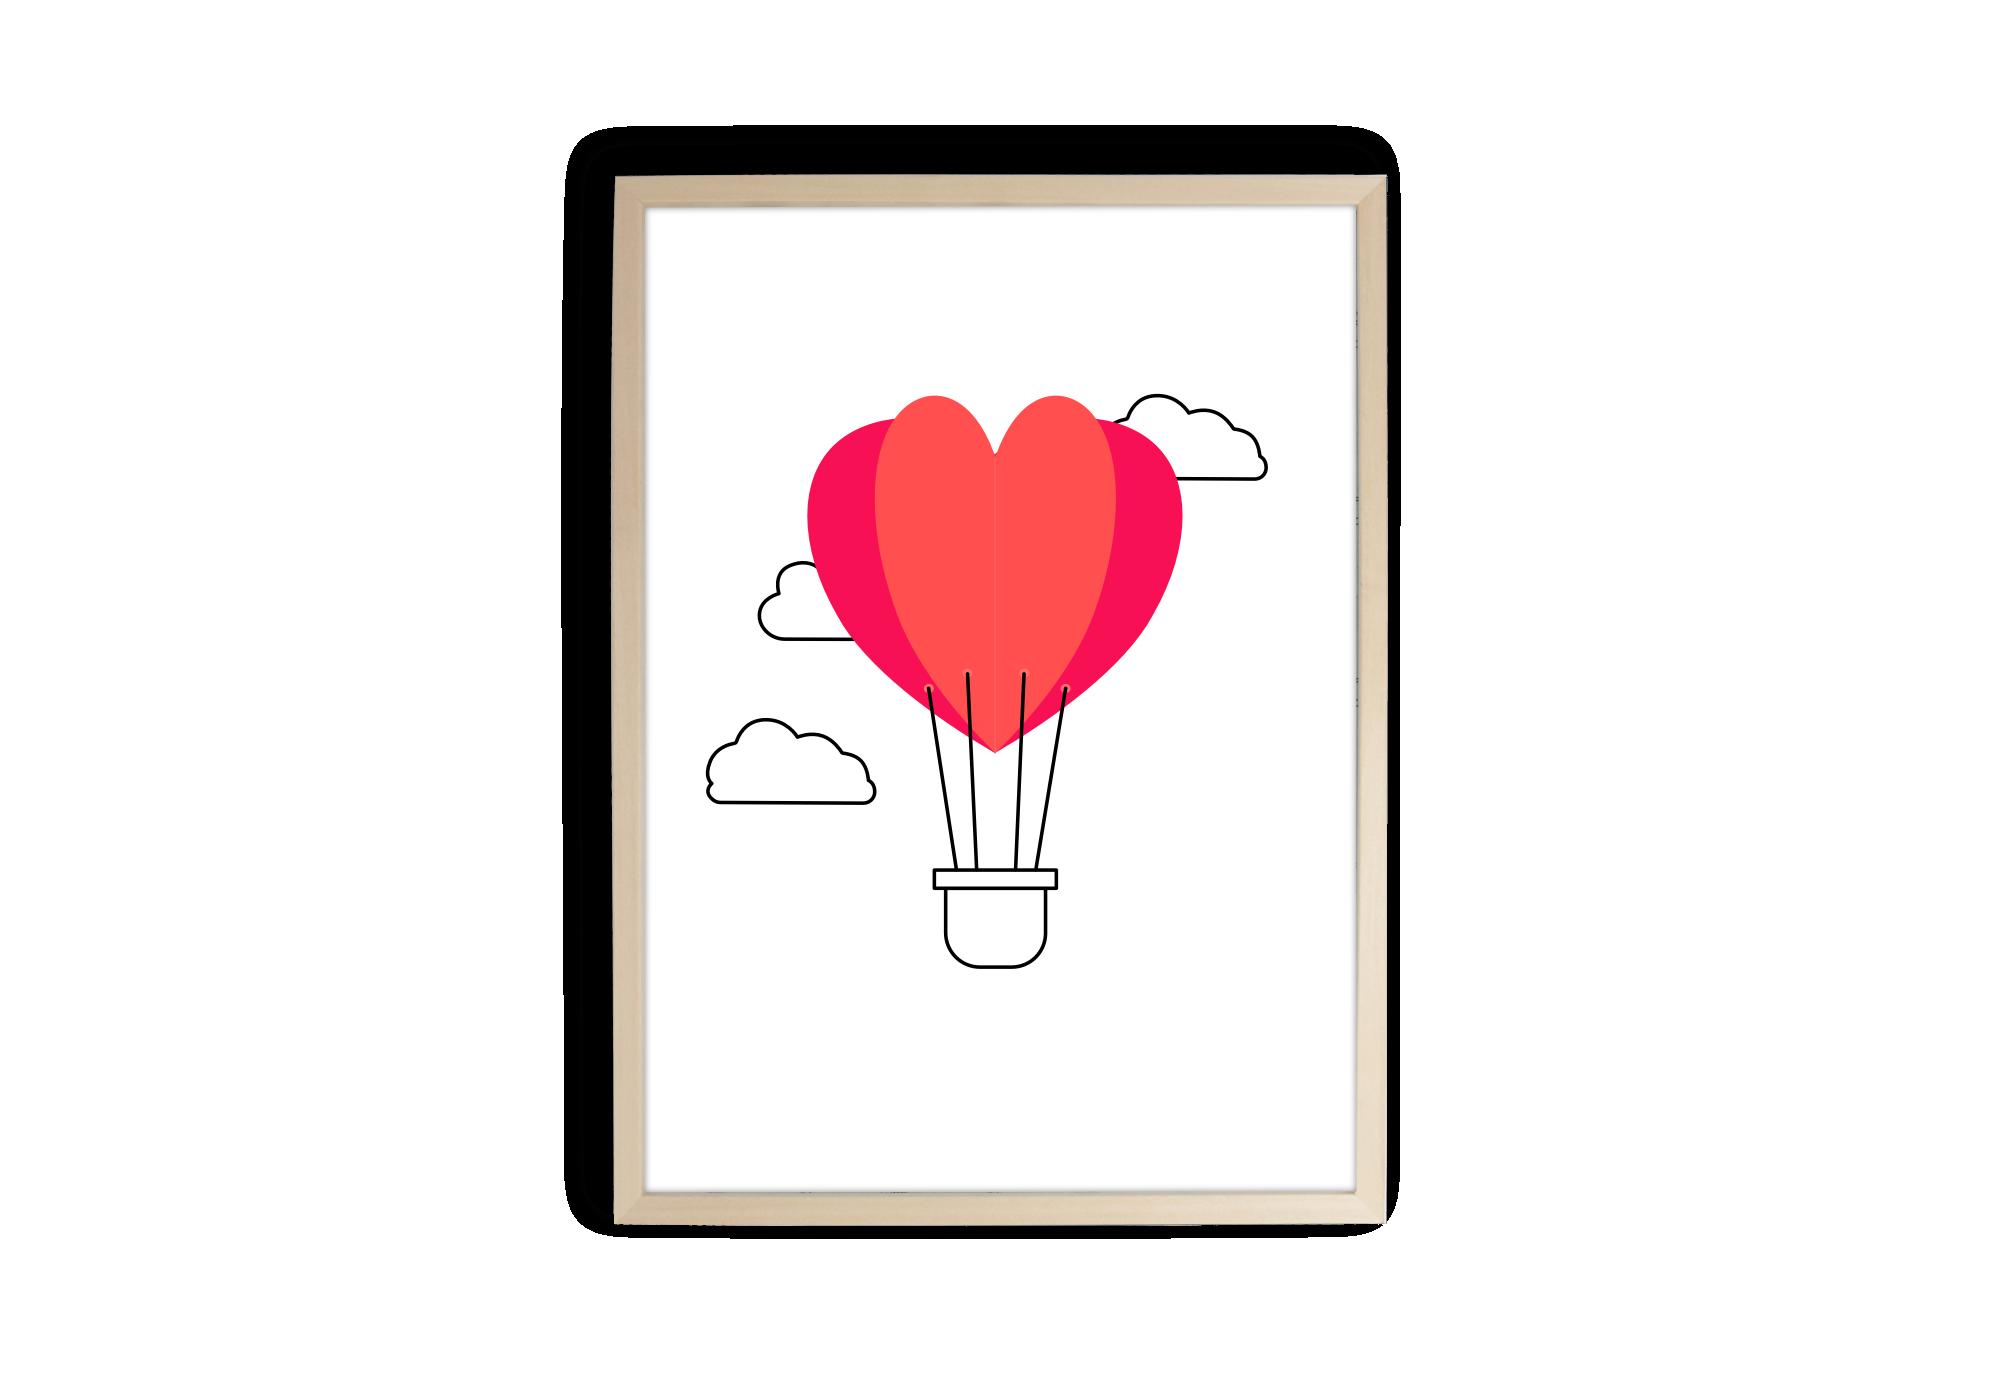 affiche montgolfière rouge en forme de coeur